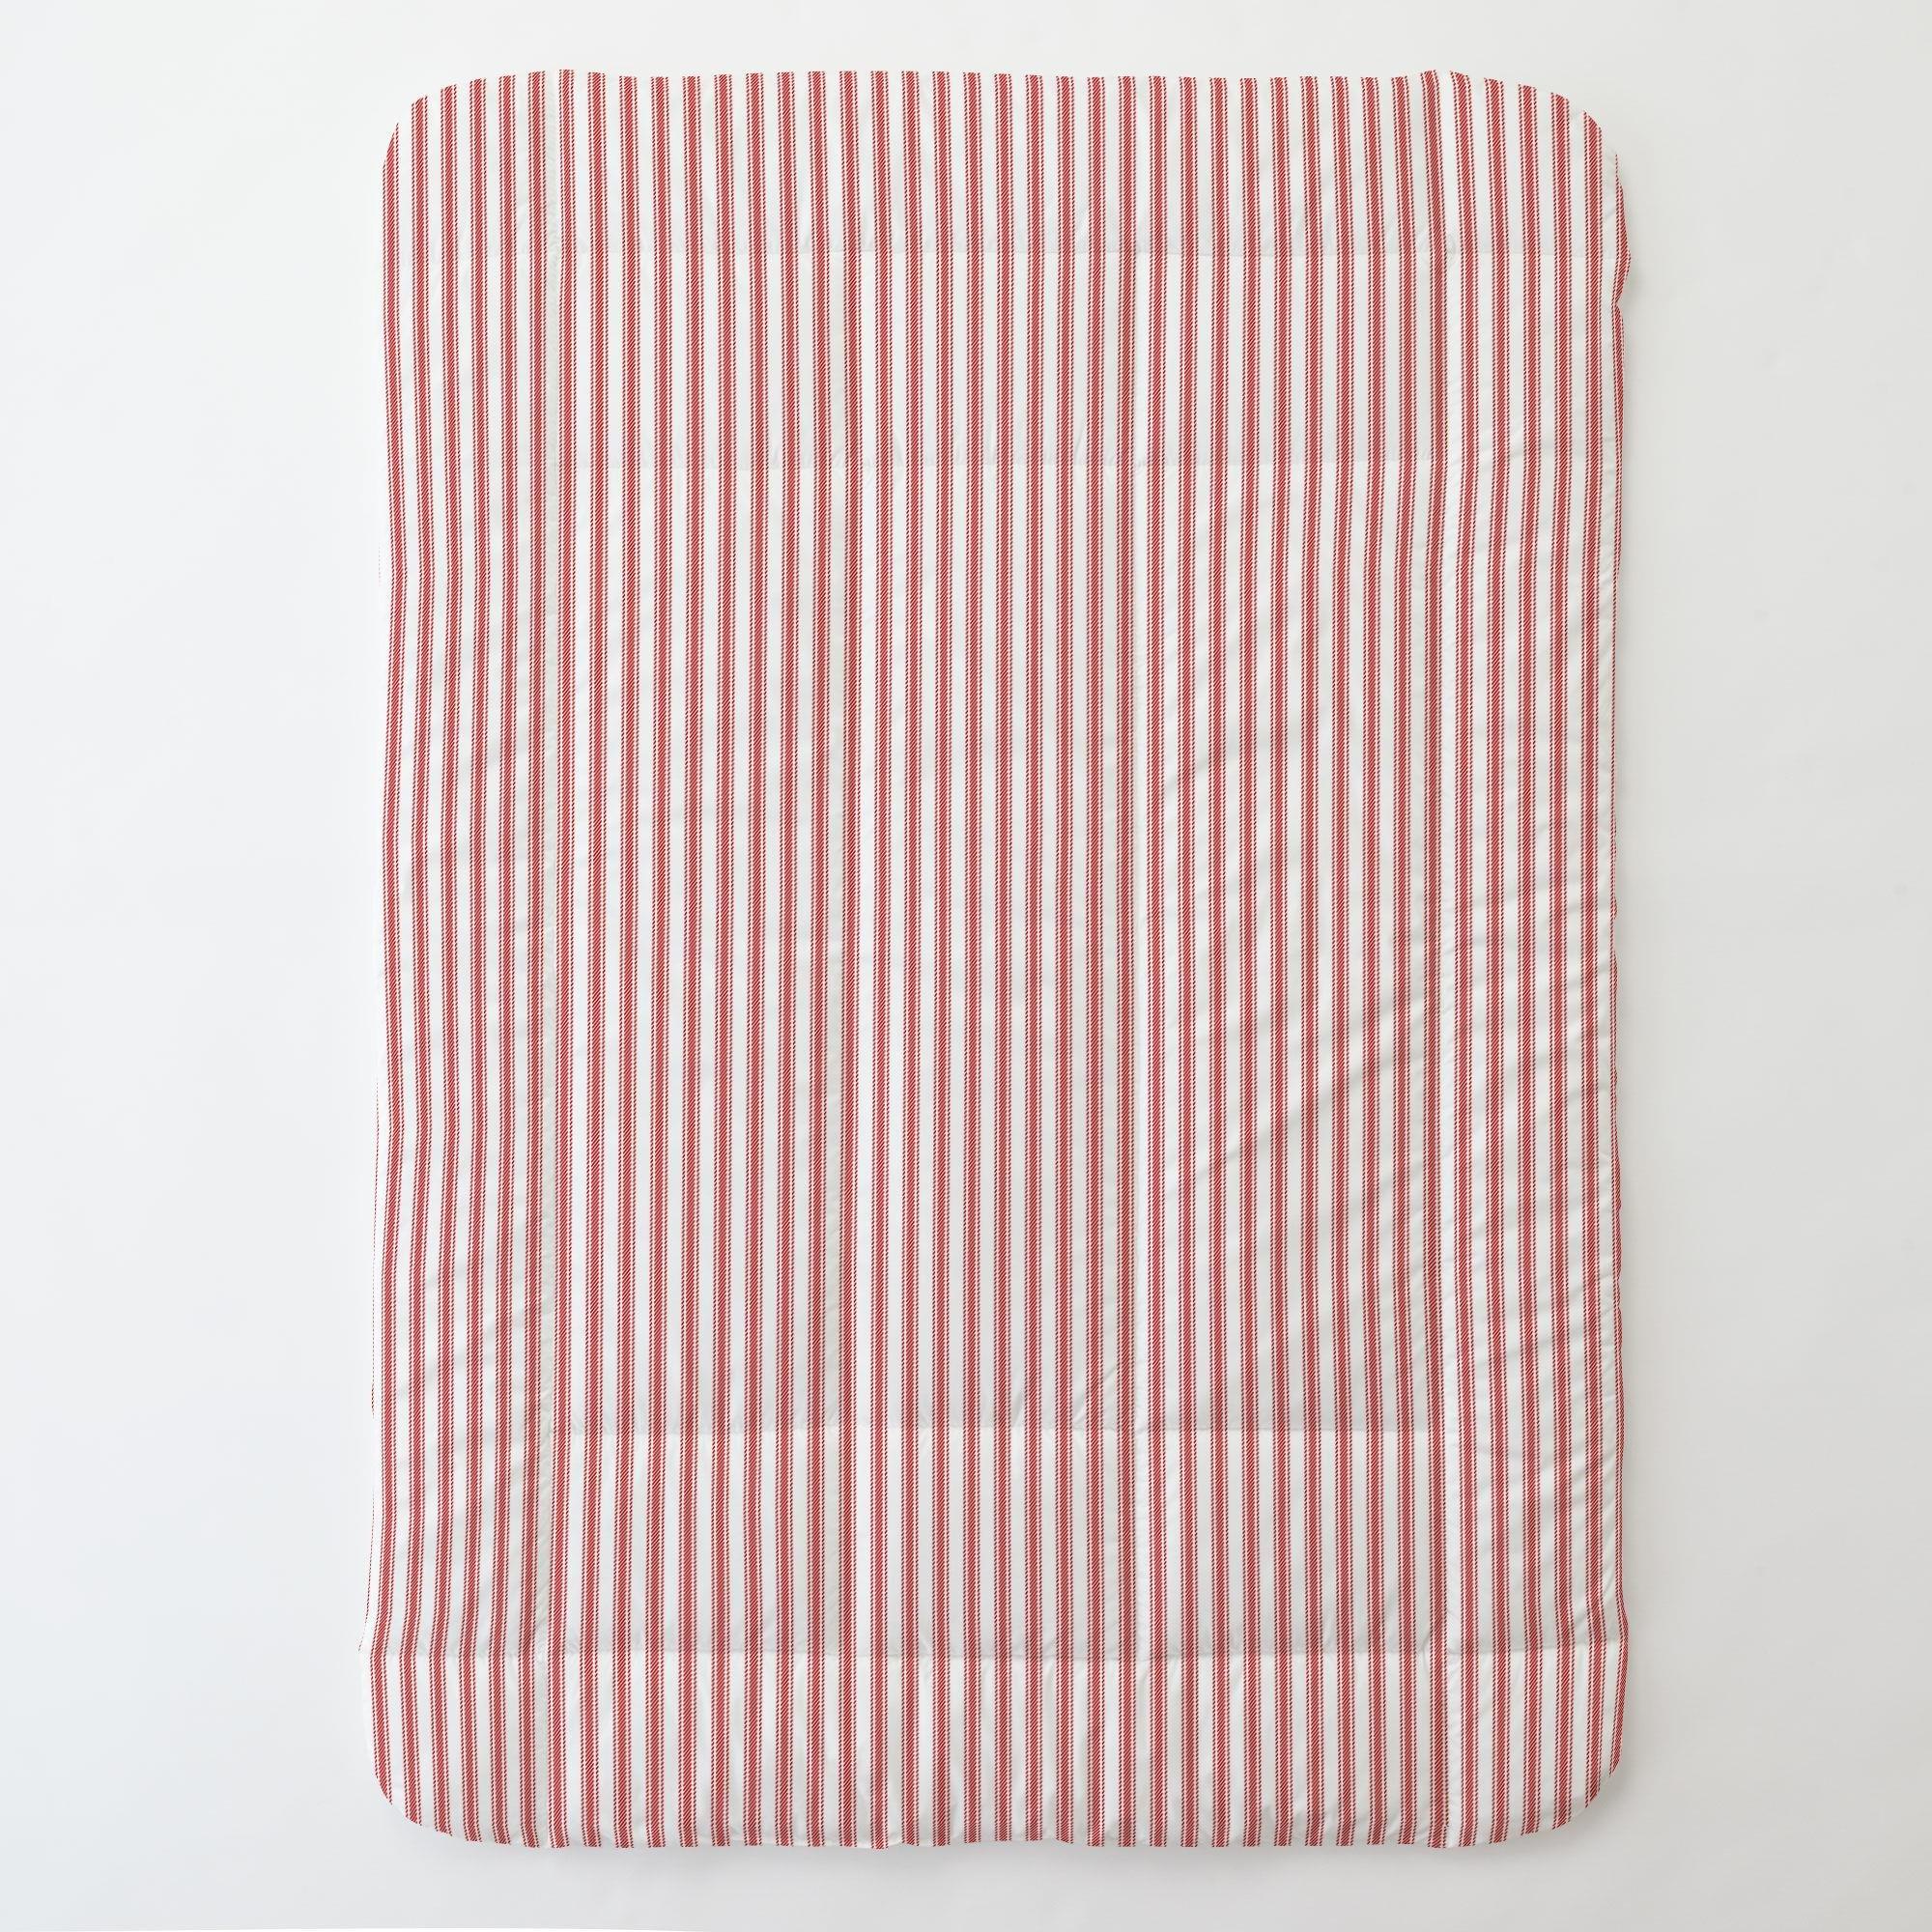 Carousel Designs Red Ticking Stripe Toddler Bed Comforter